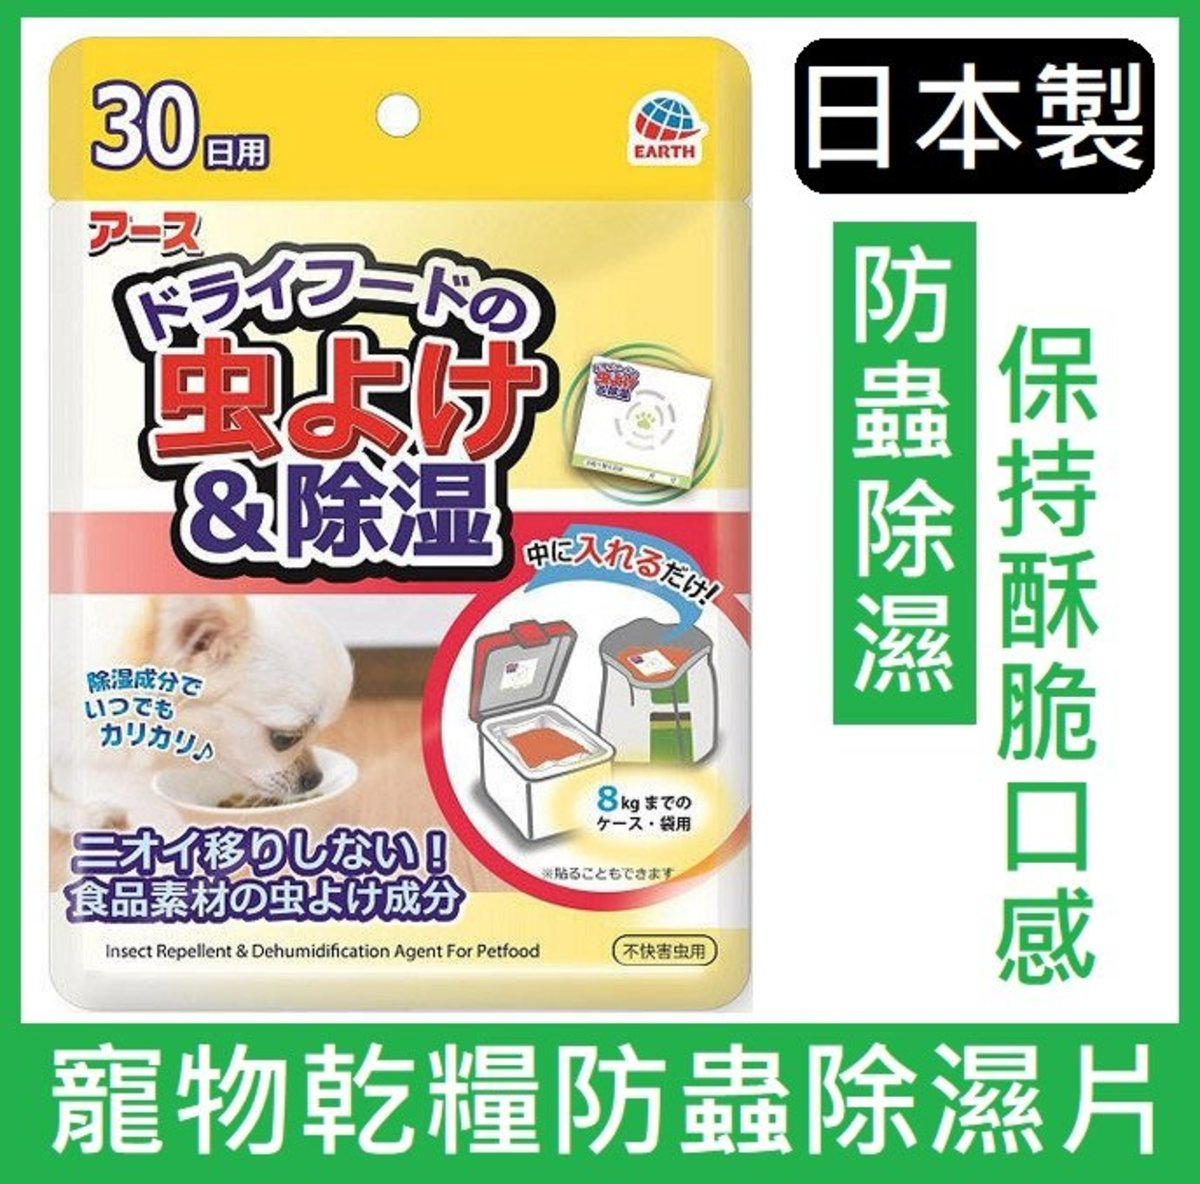 日本製寵物乾糧防蟲除濕片